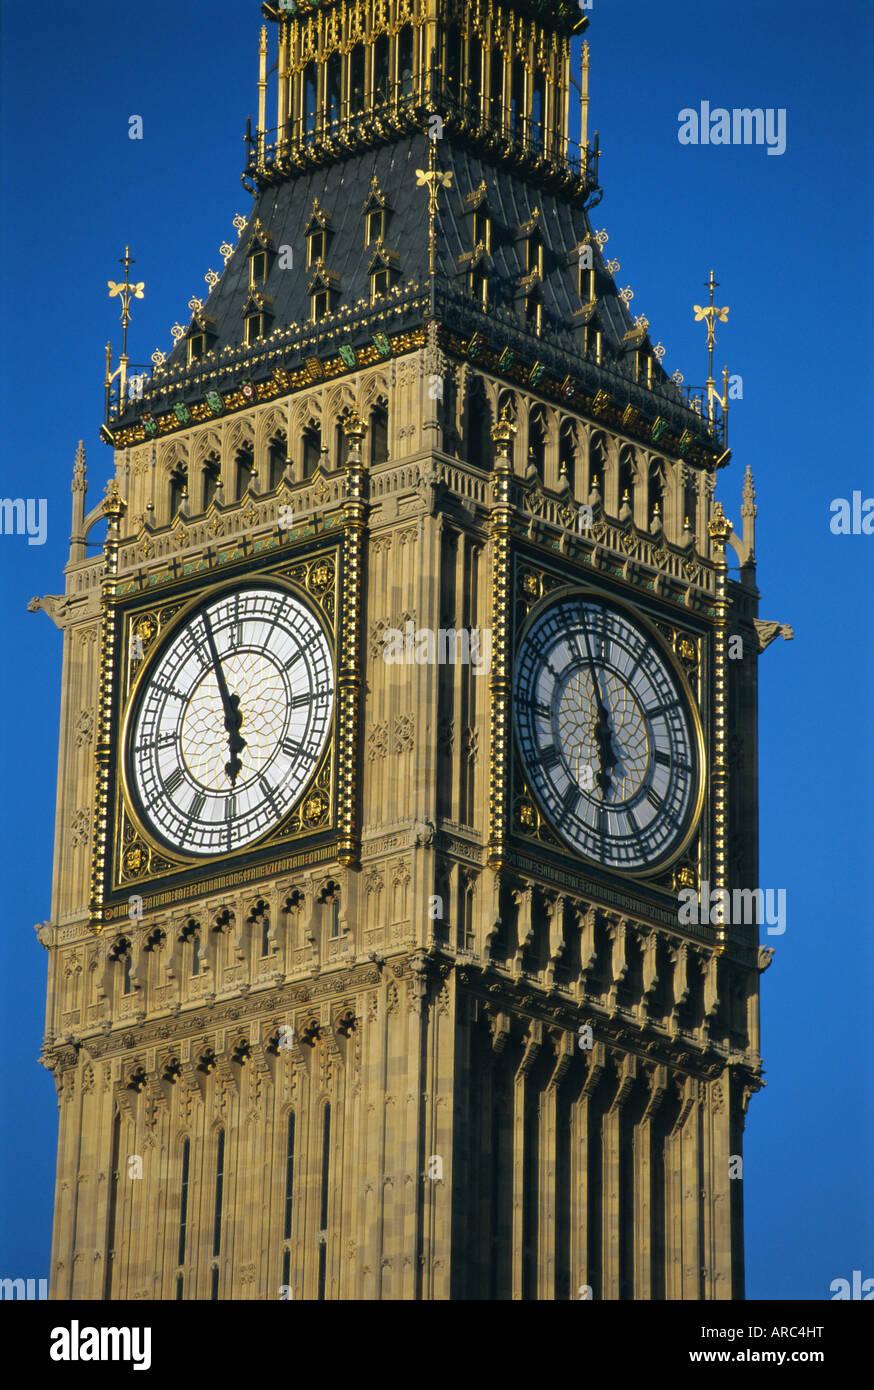 El Big Ben, las Casas del Parlamento, en Westminster, Londres, Inglaterra, Reino Unido, Europa Foto de stock